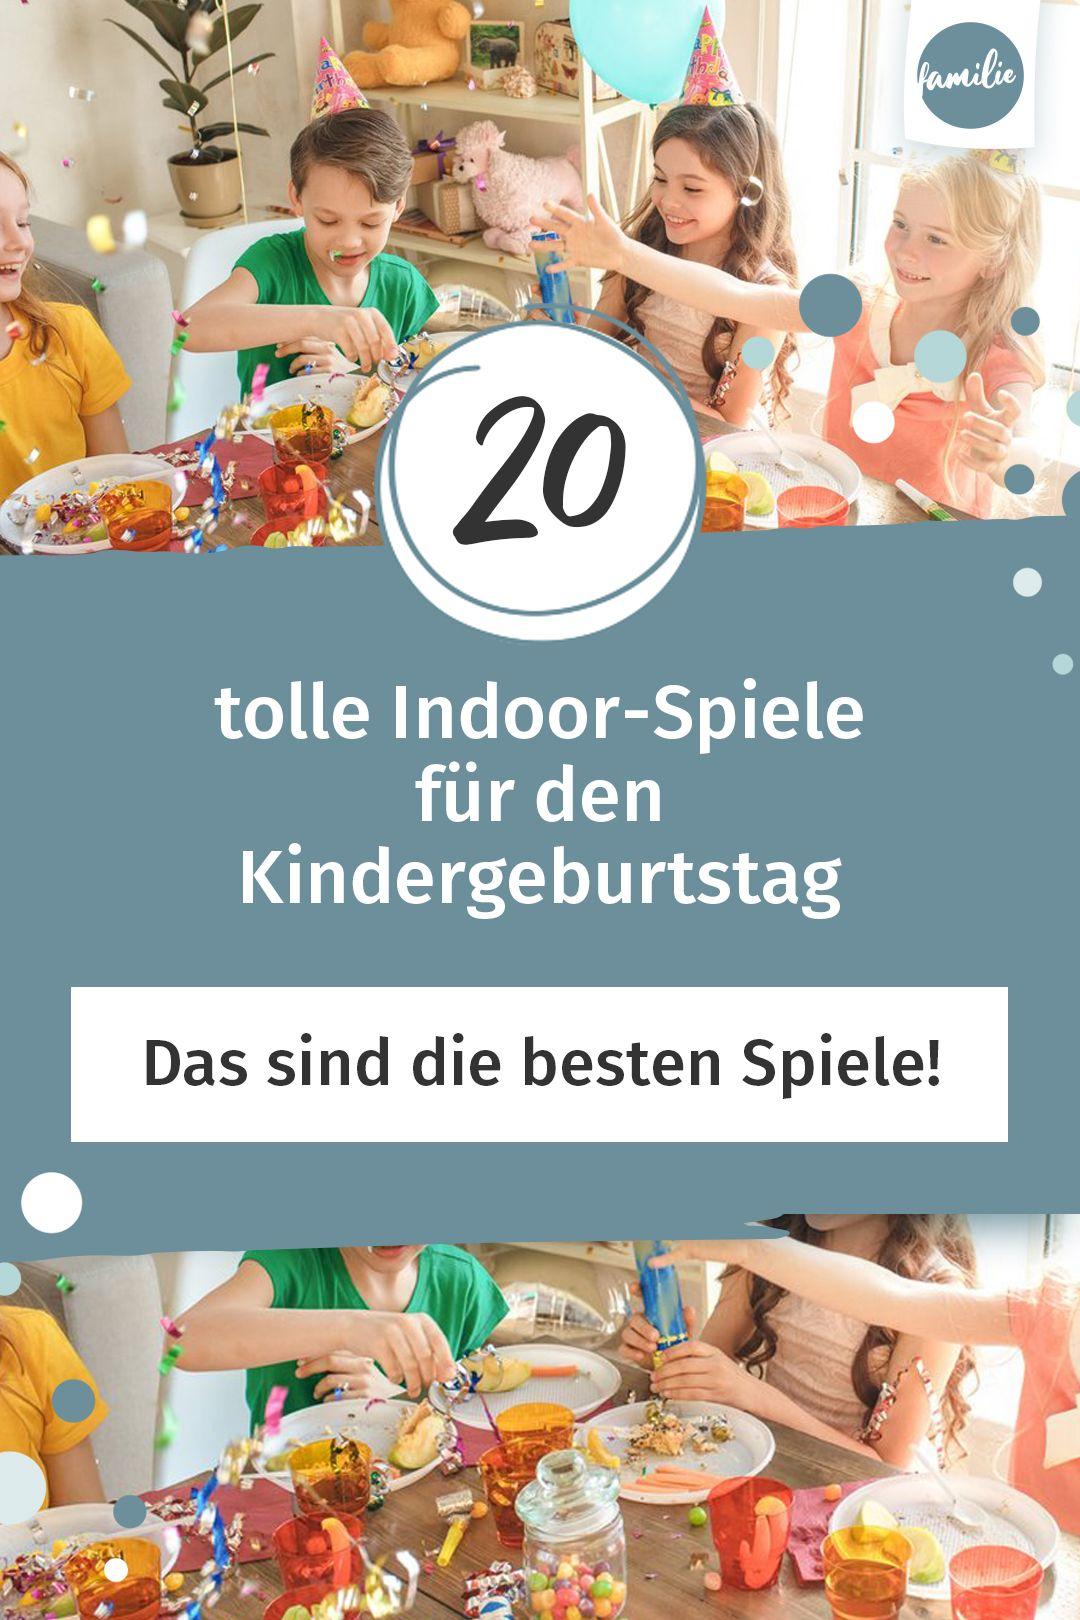 20 tolle Indoor-Spiele für den Kindergeburtstag